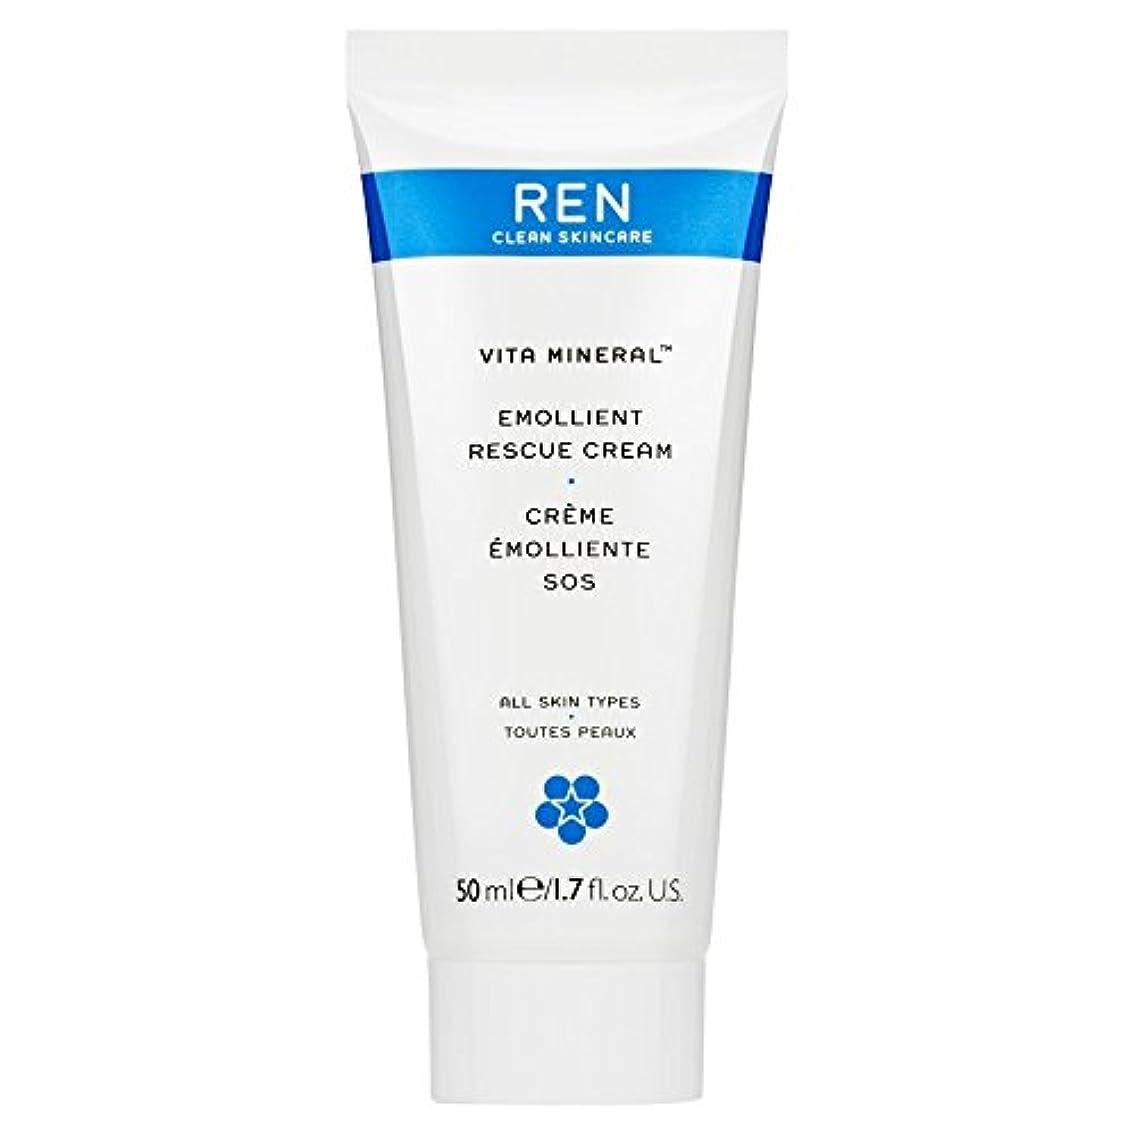 規則性合併症流用するRenヴィータミネラルレスキュークリーム、50ミリリットル (REN) (x2) - REN Vita Mineral Rescue Cream, 50ml (Pack of 2) [並行輸入品]